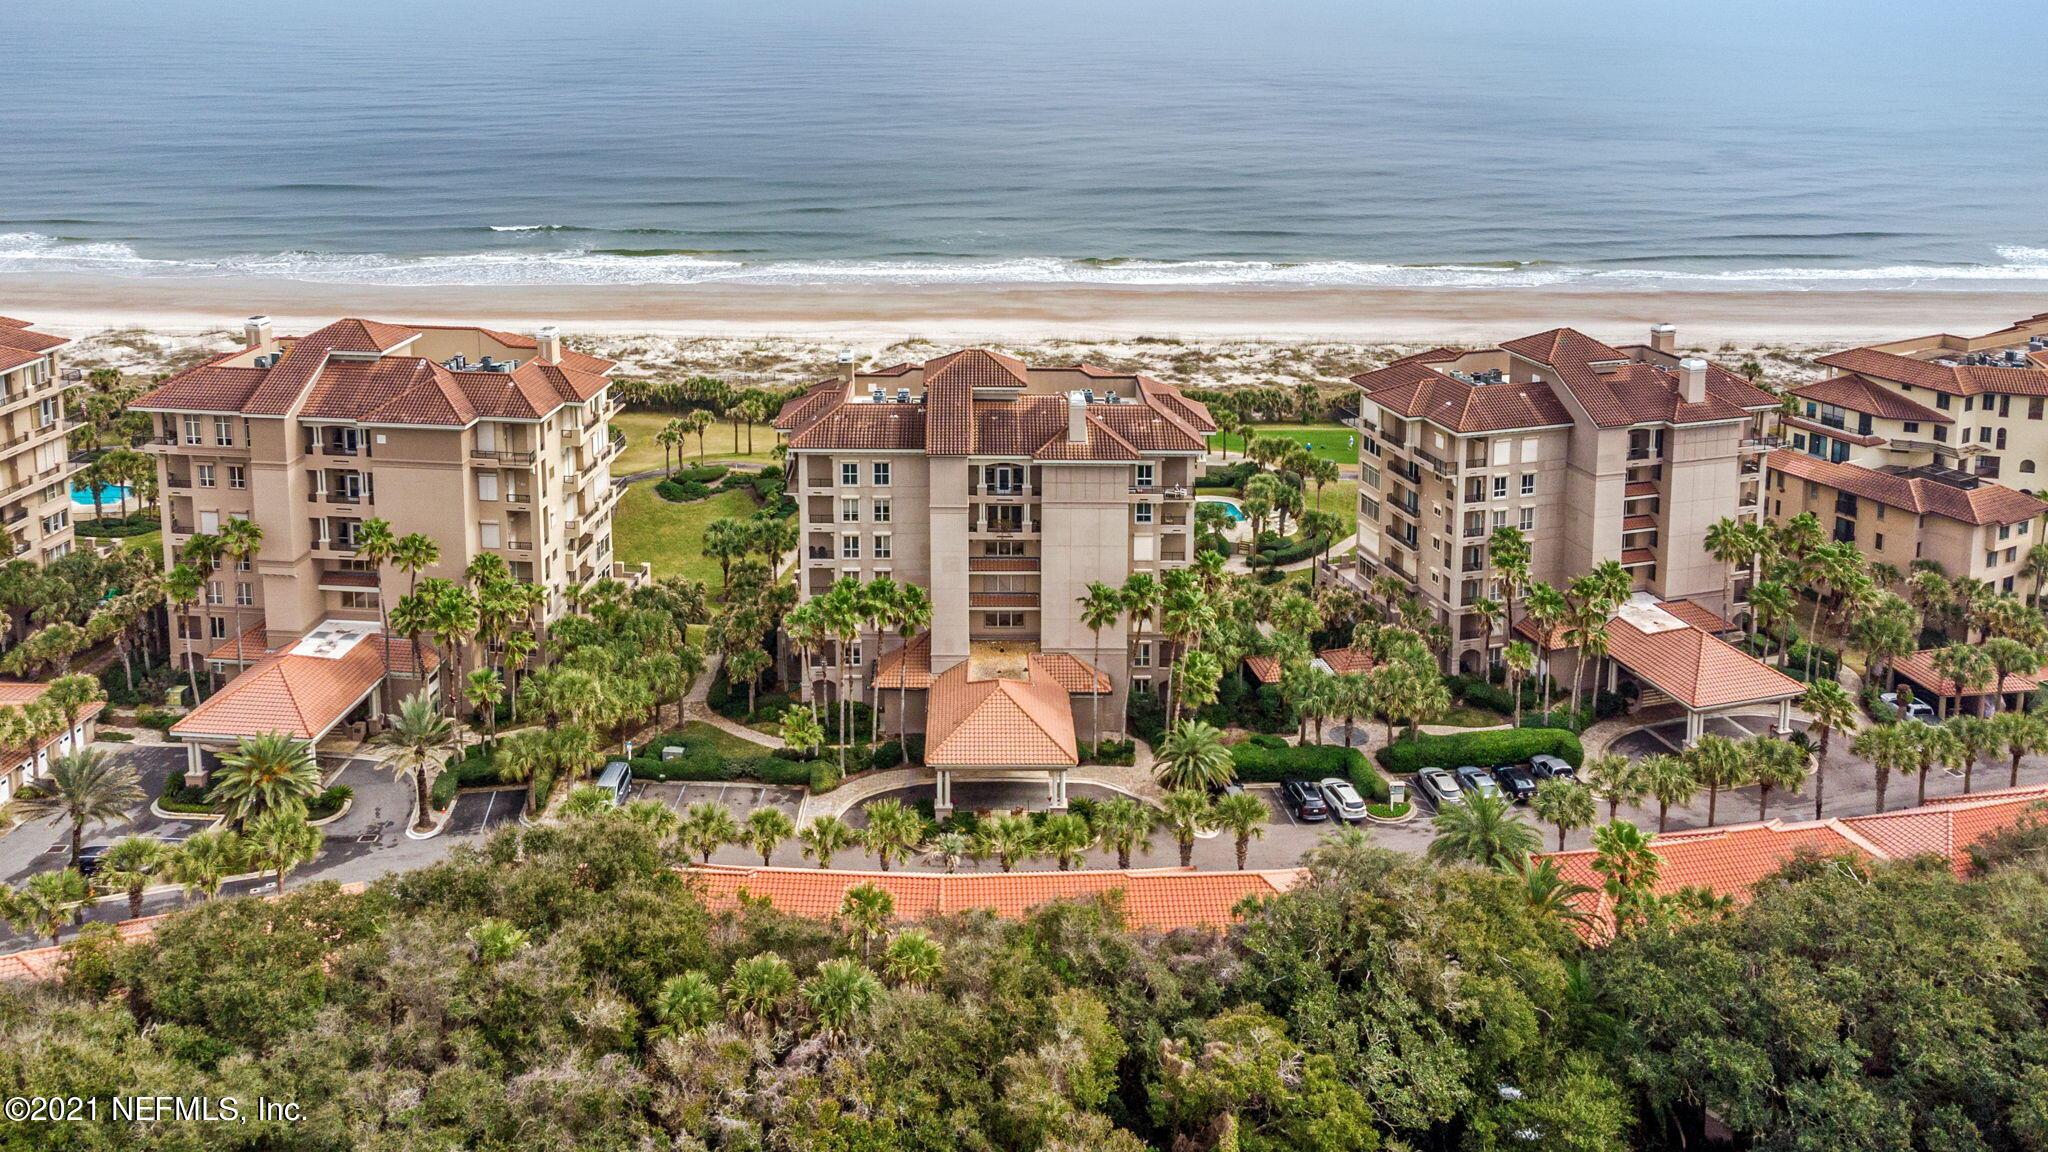 1532 PIPER DUNES, FERNANDINA BEACH, FLORIDA 32034, 3 Bedrooms Bedrooms, ,3 BathroomsBathrooms,Residential,For sale,PIPER DUNES,1095123